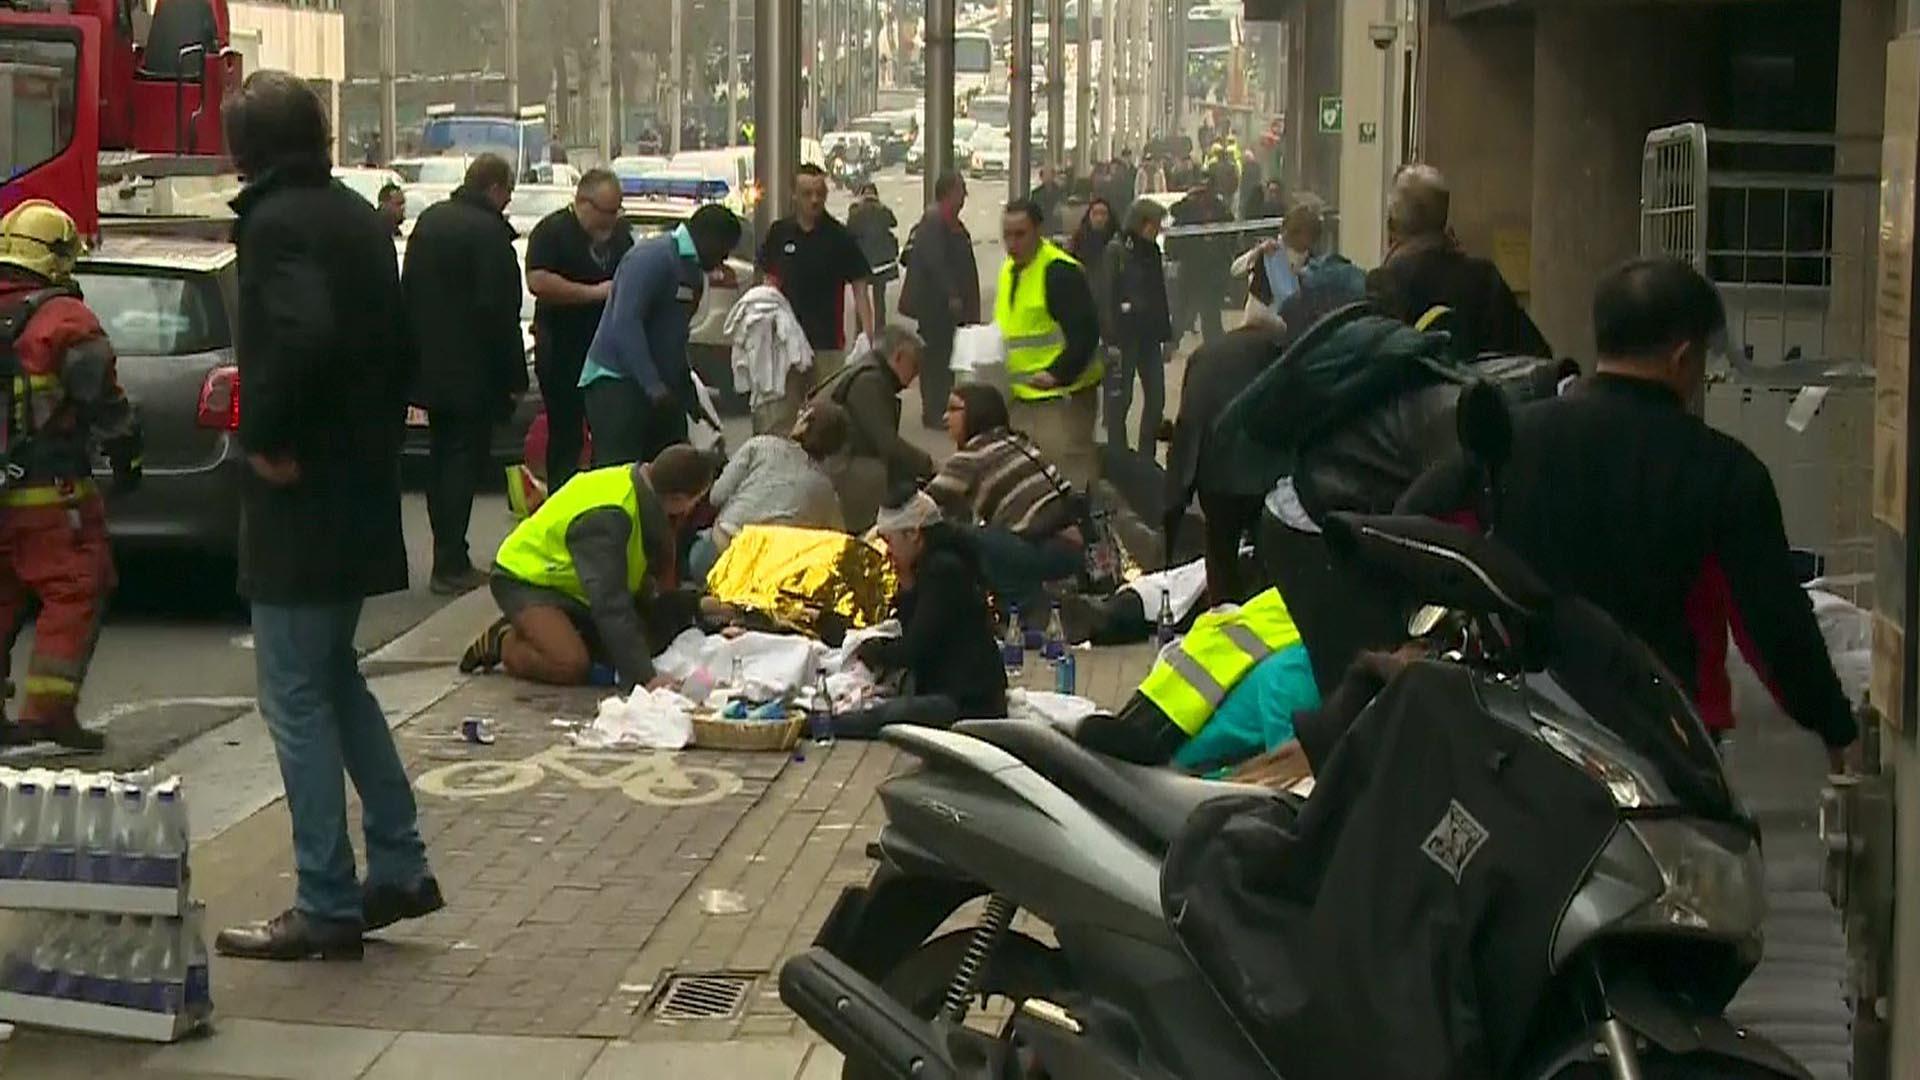 Según confirmó el primer ministro belga, Charles Michel los ataques ocurridos en el aeropuerto y la red de metro fueron atentados terroristas